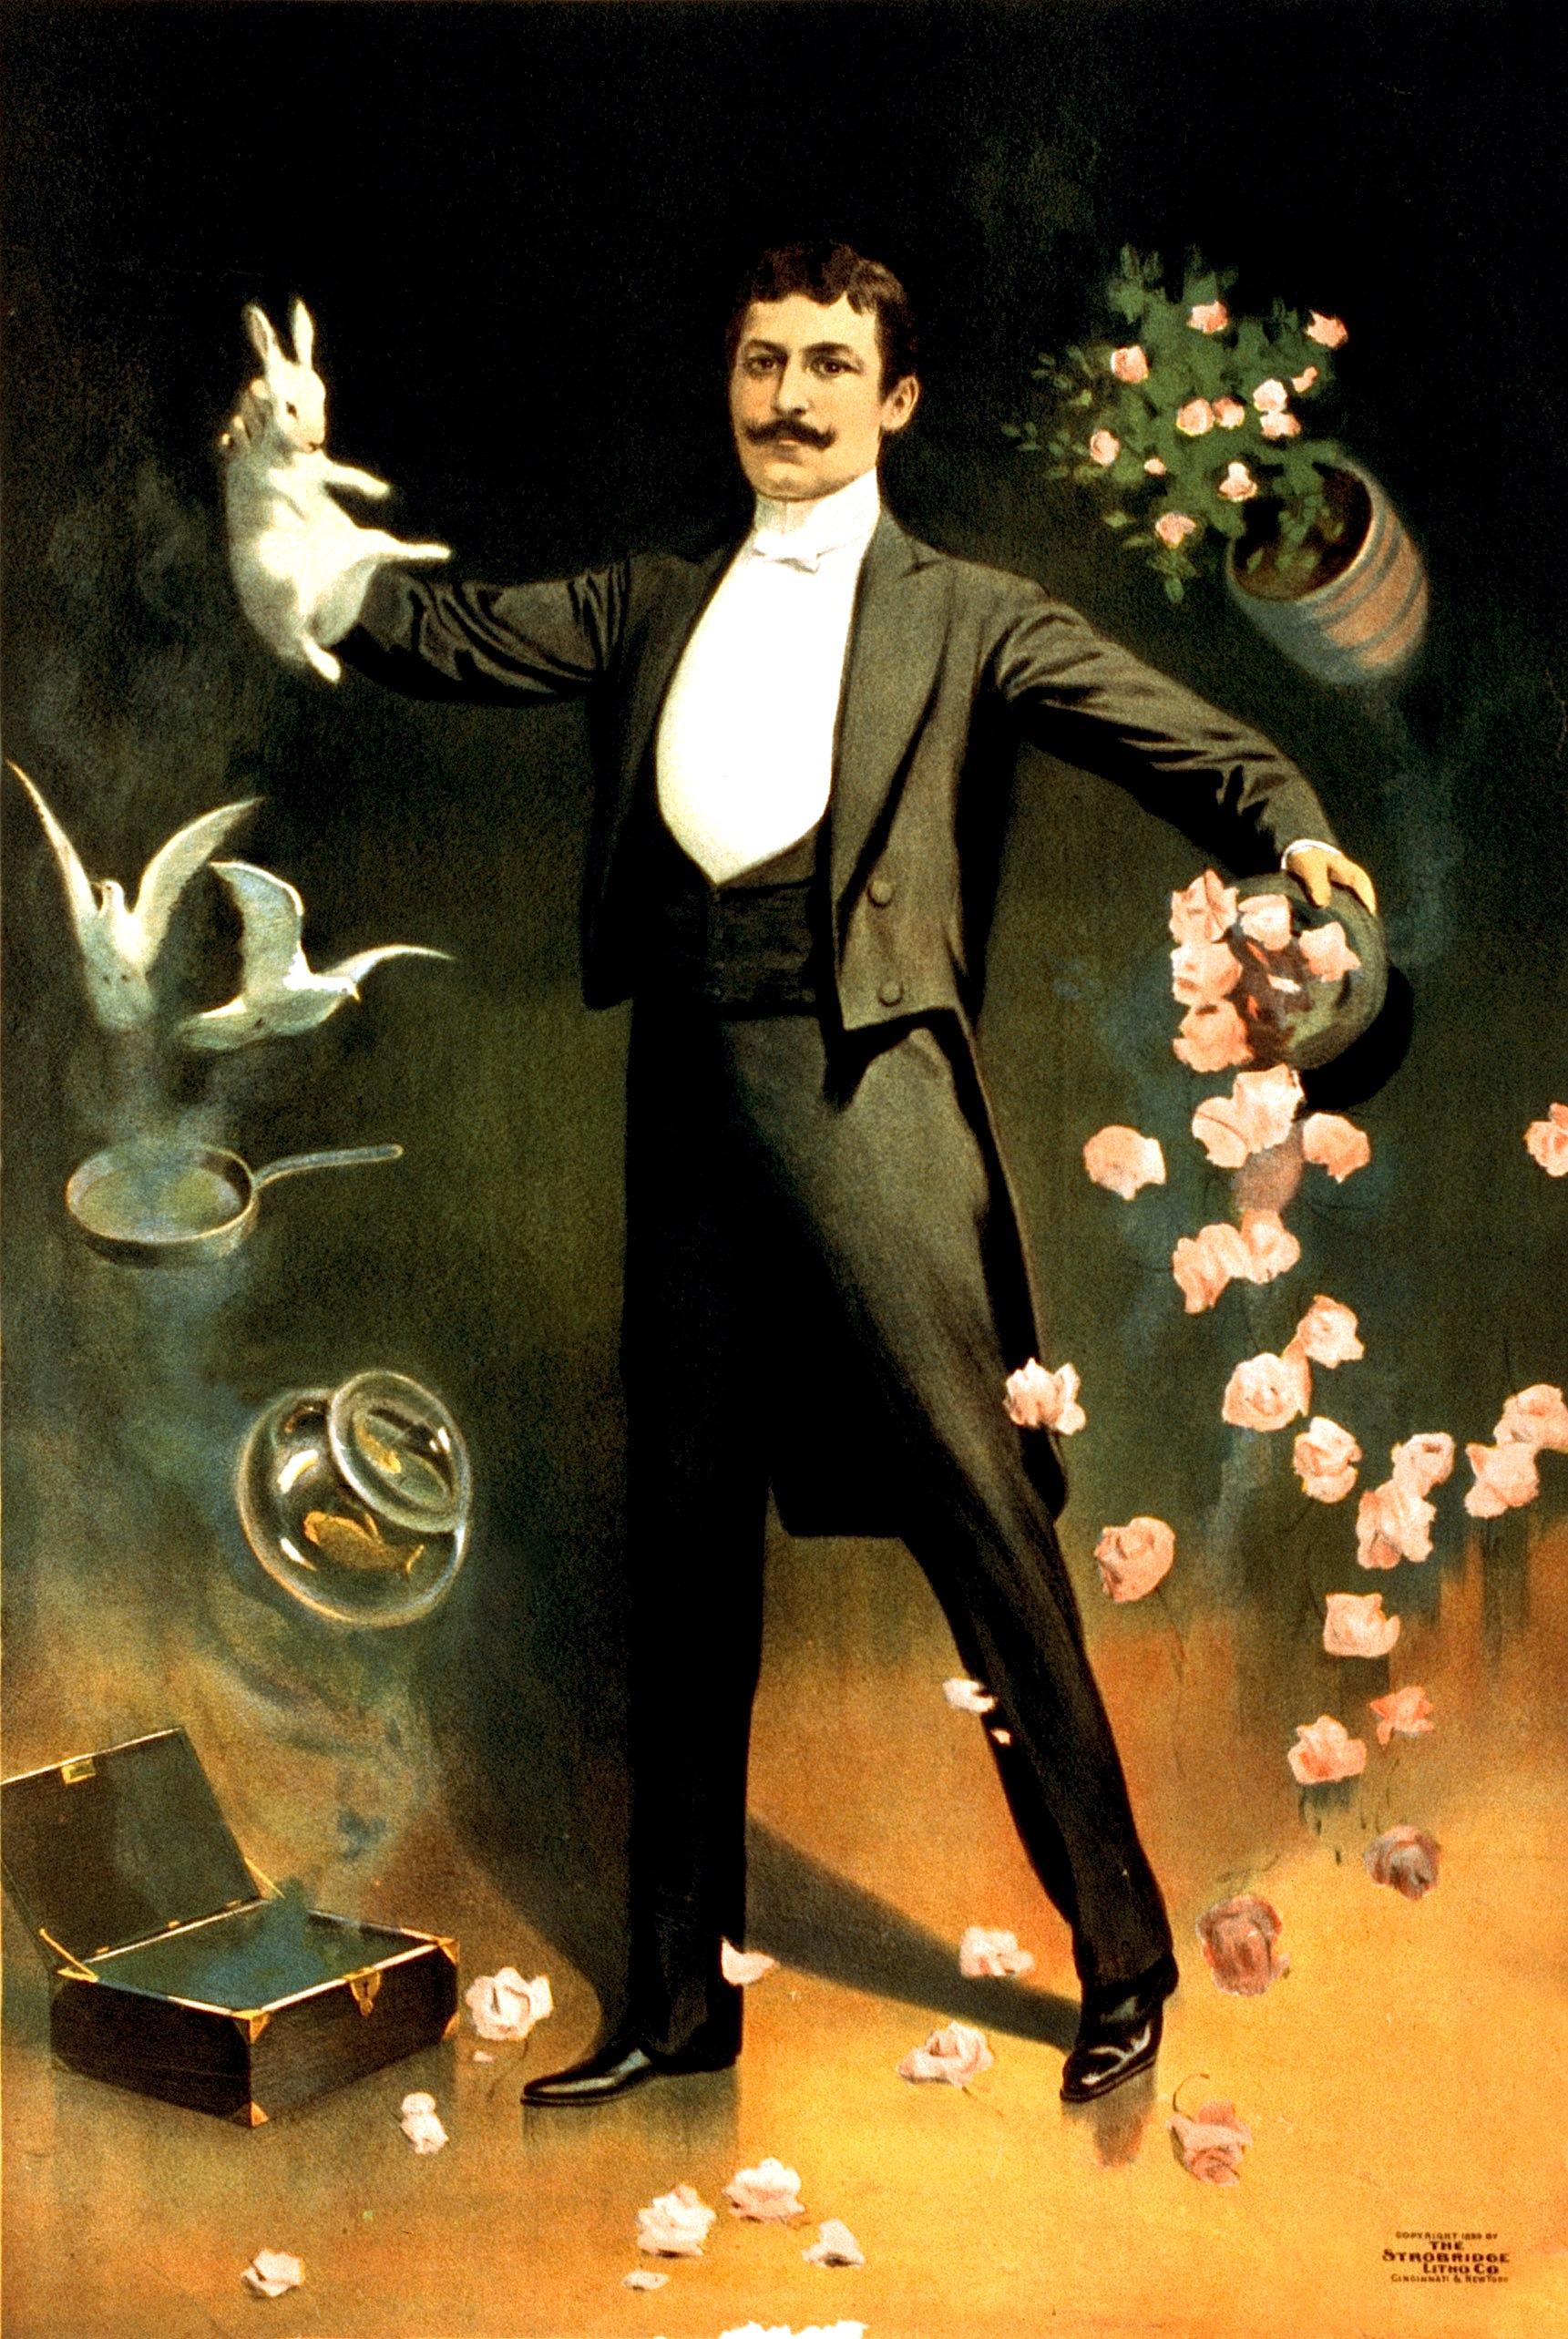 Magician Joe Hohman